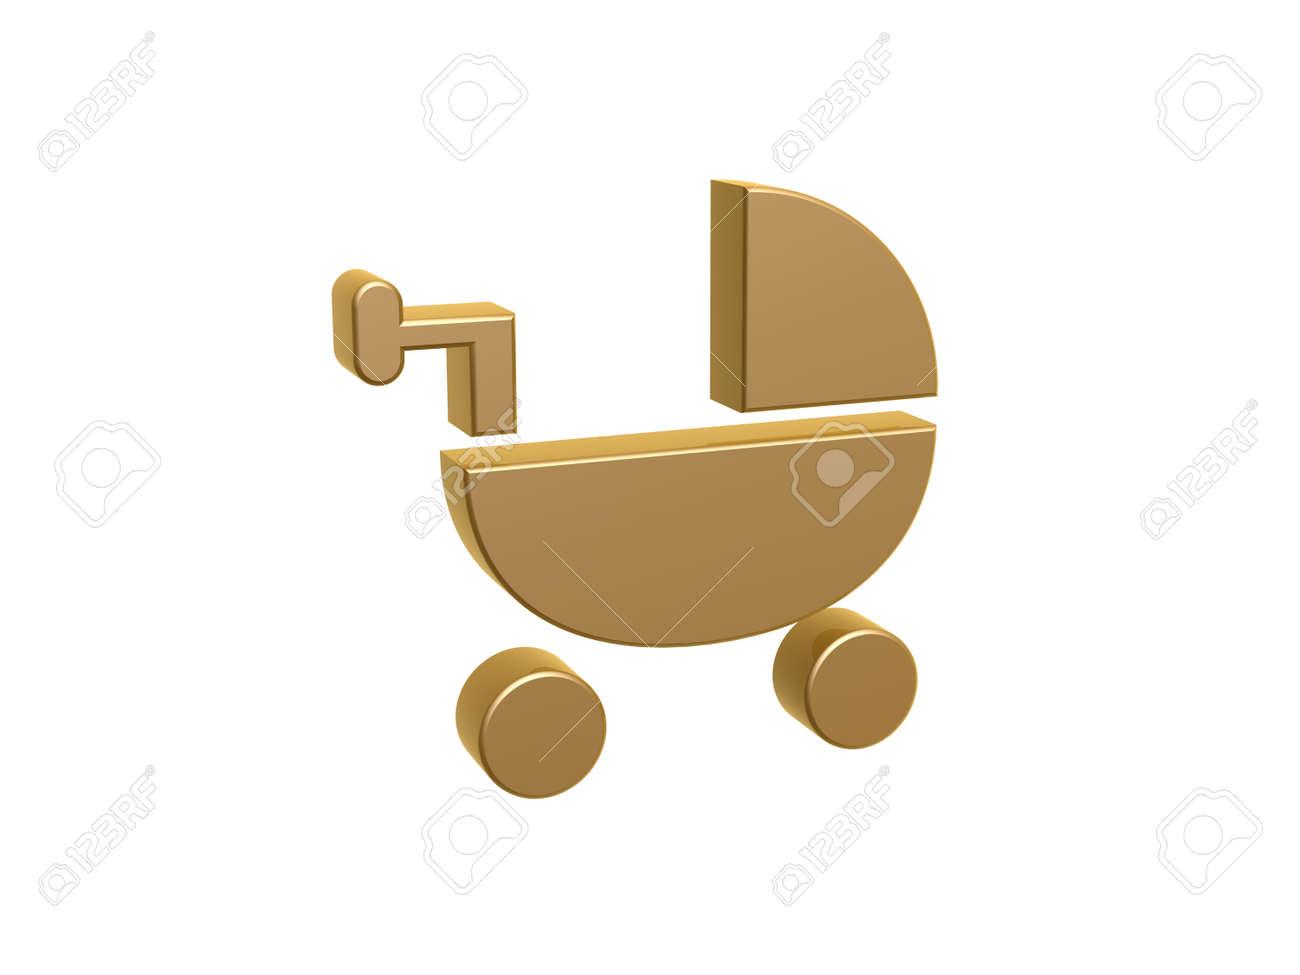 Golden baby stubenwagen symbol auf weißem hintergrund lizenzfreie